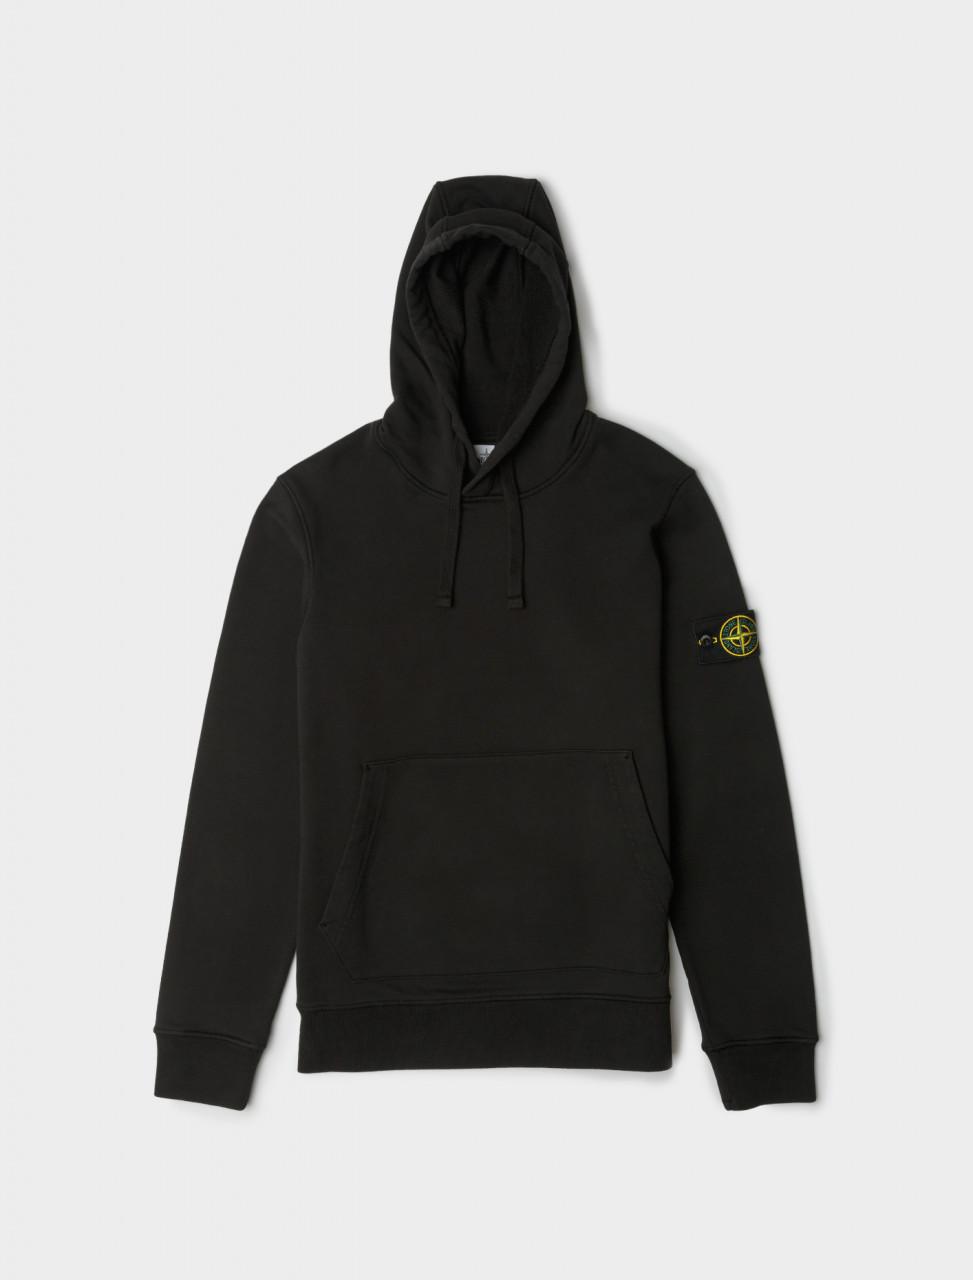 Hooded Sweatshirt in Black